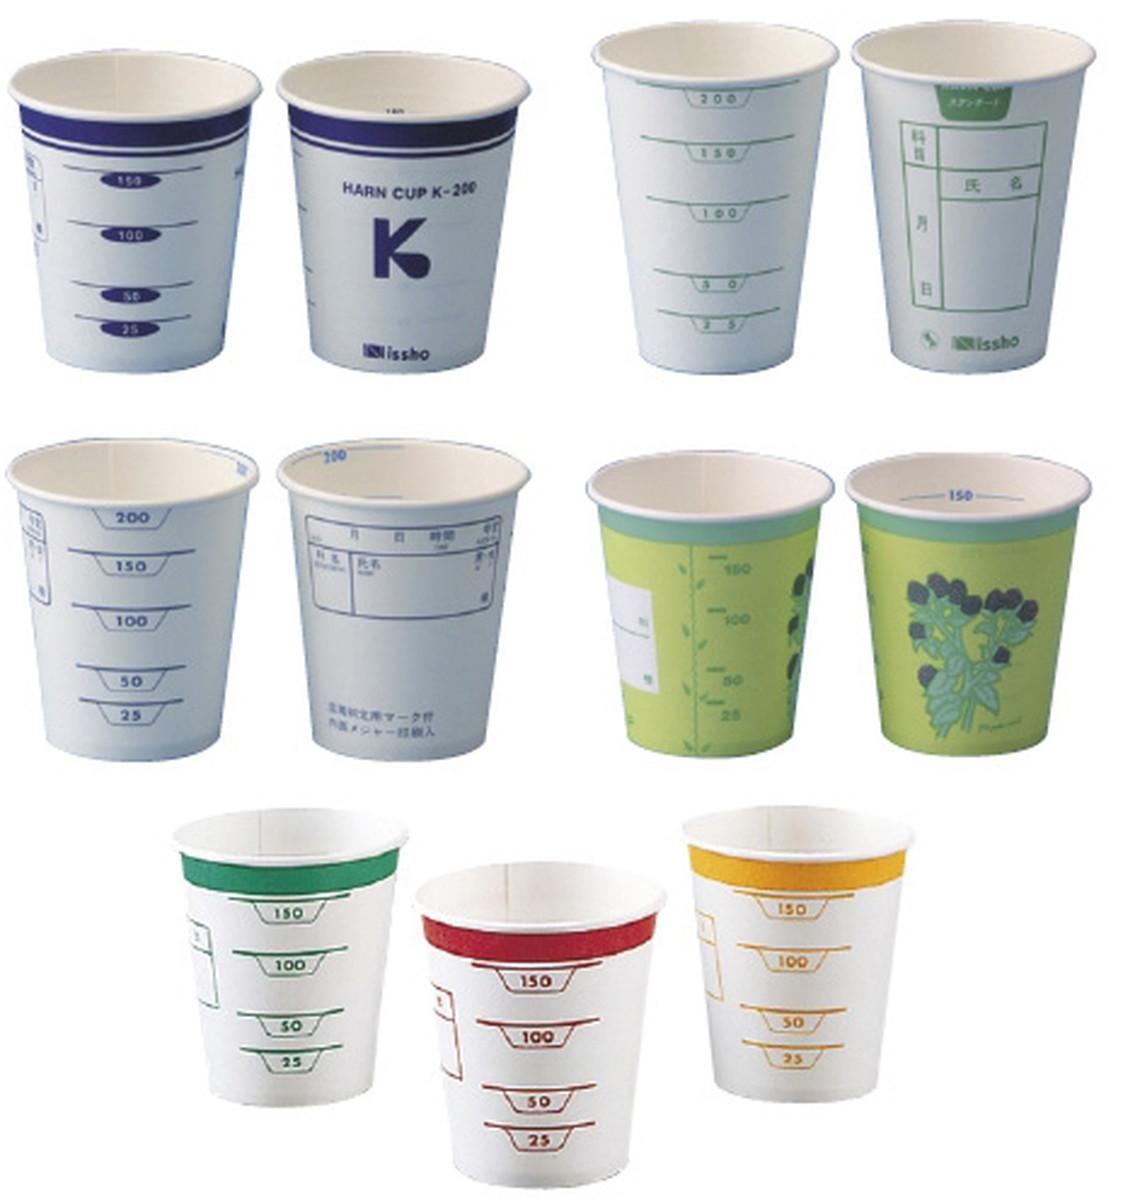 【送料無料】-ハルンカップ(採尿カップ)Aタイプ レッド (210CC) 2500コイリ 品番 my07-2510-00-- 1入り-【MY医科器機】JAN 4523992010100